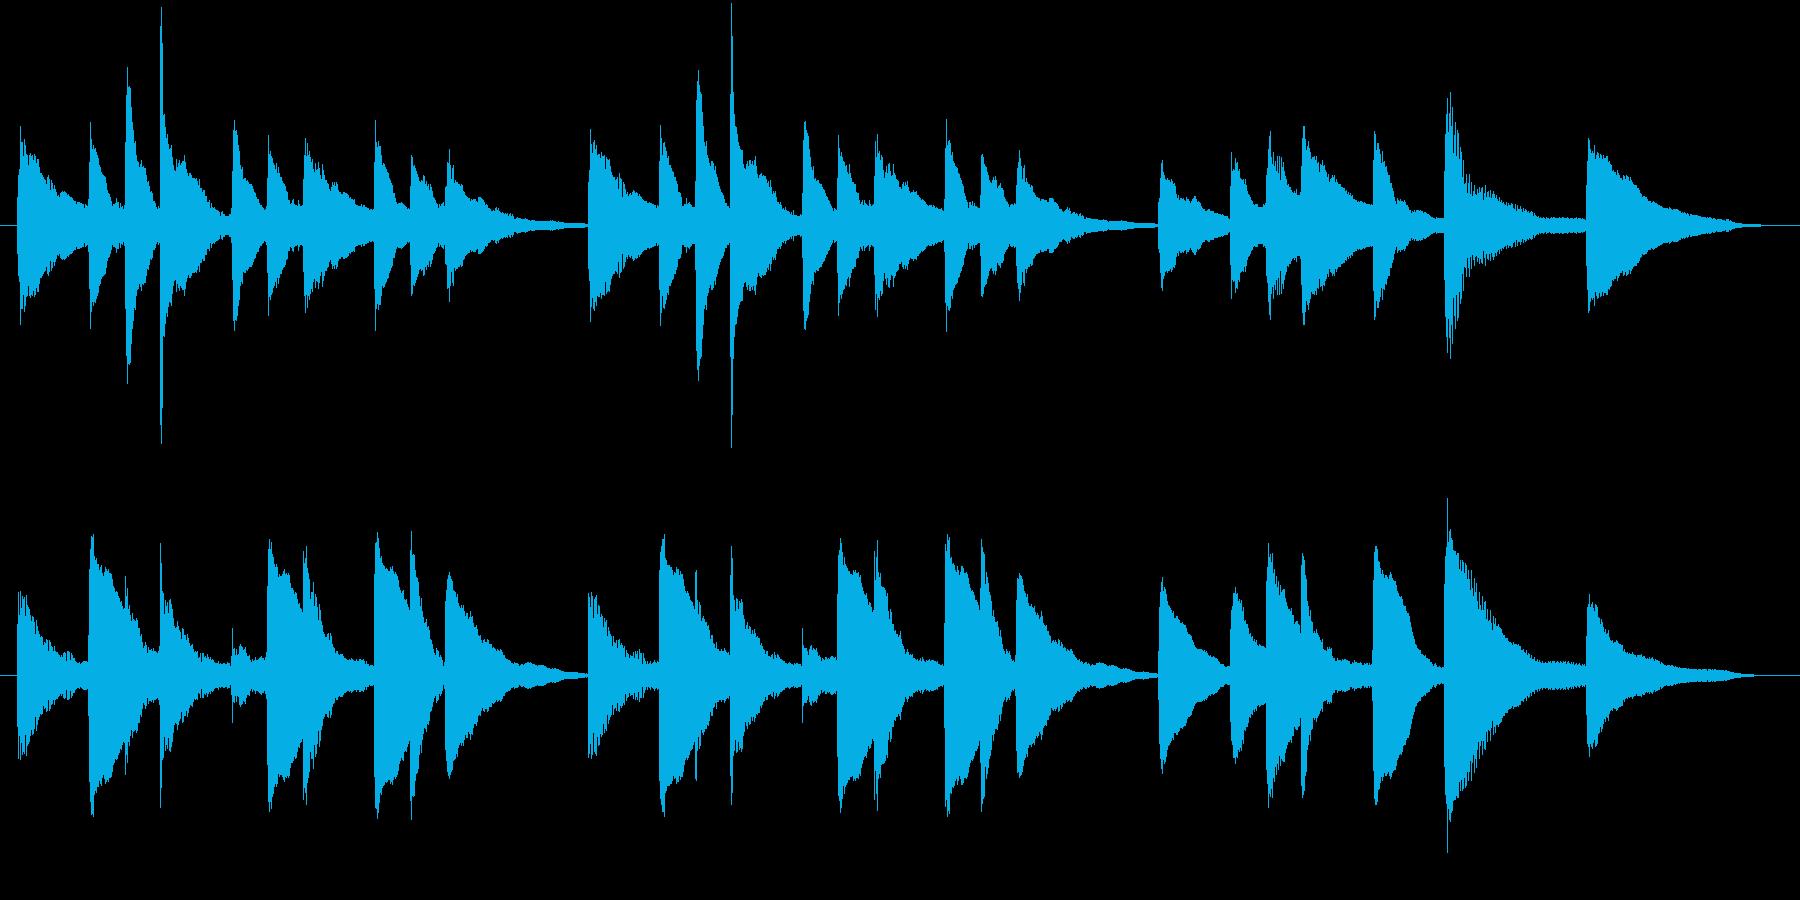 穏やか、ほのぼのとしたピアノのジングルの再生済みの波形